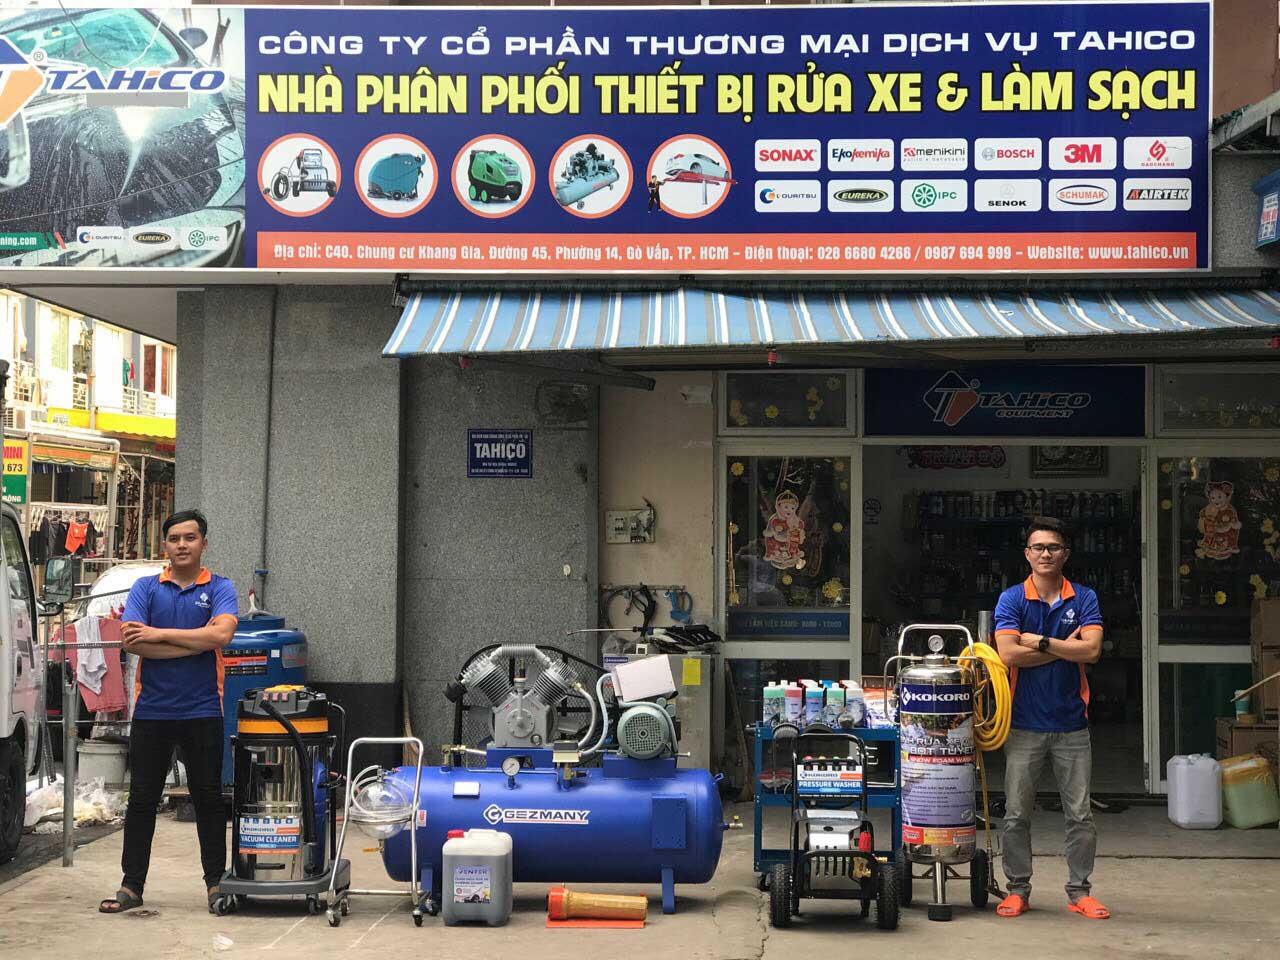 Chuyên cung cấp các thiết bị rửa xe ô tô chuyên nghiệp